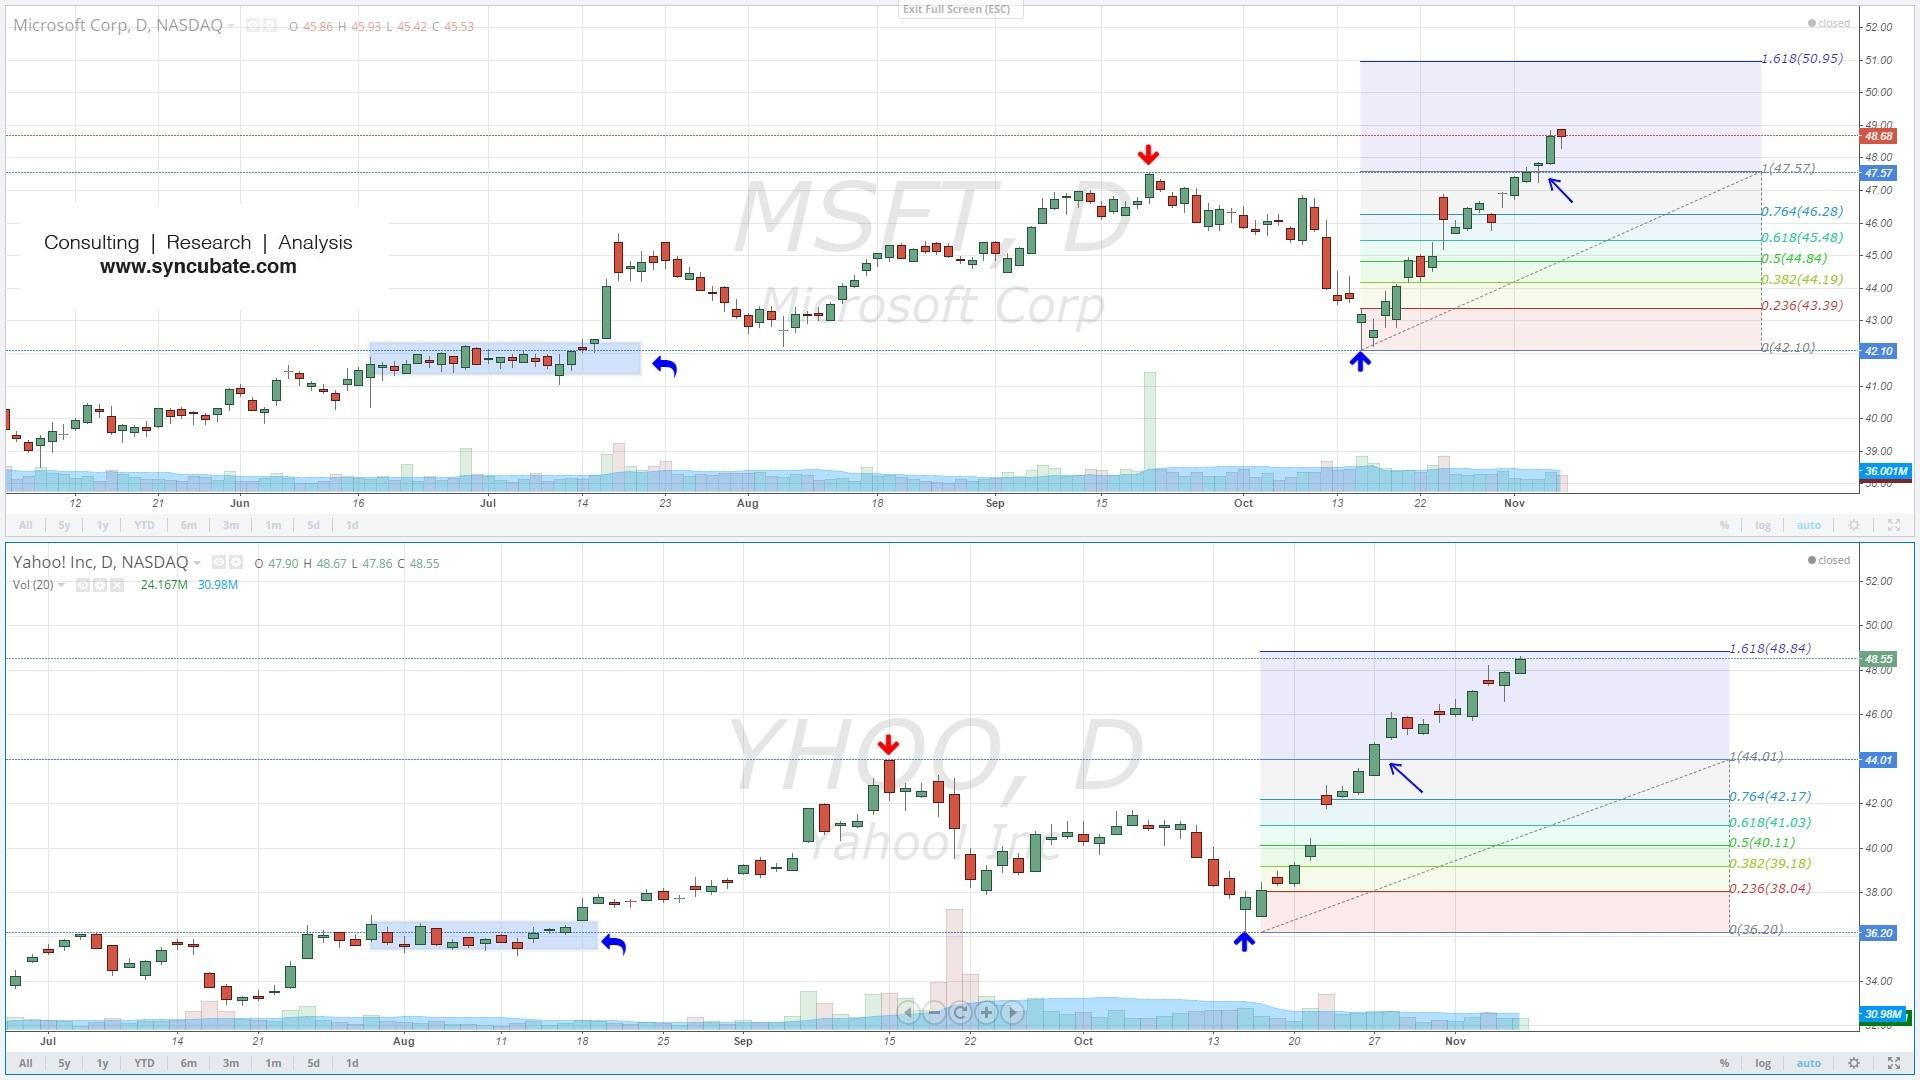 $MSFT : Microsoft Corp. ; $YHOO : Yahoo Inc.